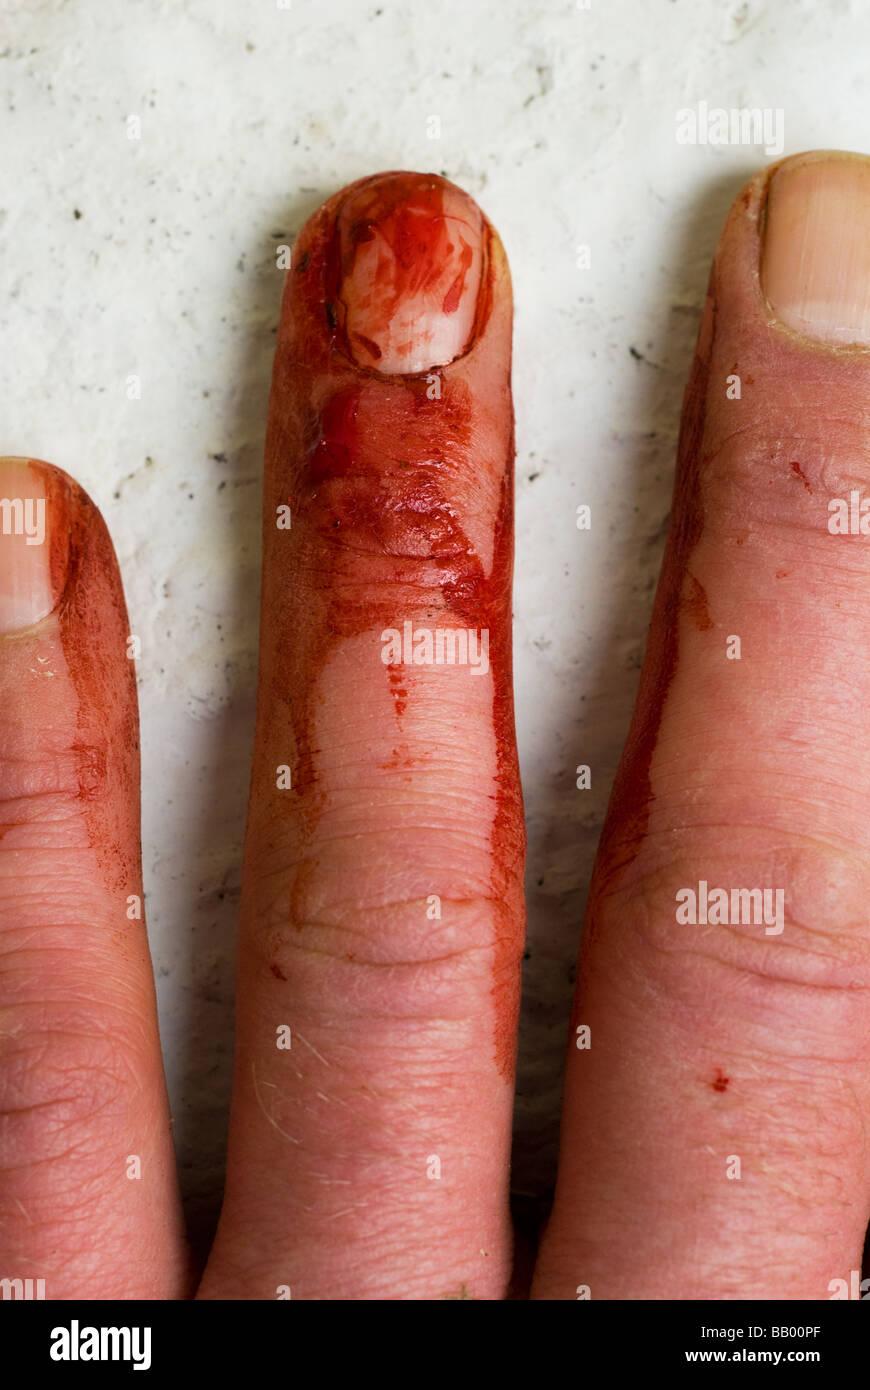 Fotografia di spurgo dito tagliato il pregiudizio Foto Stock